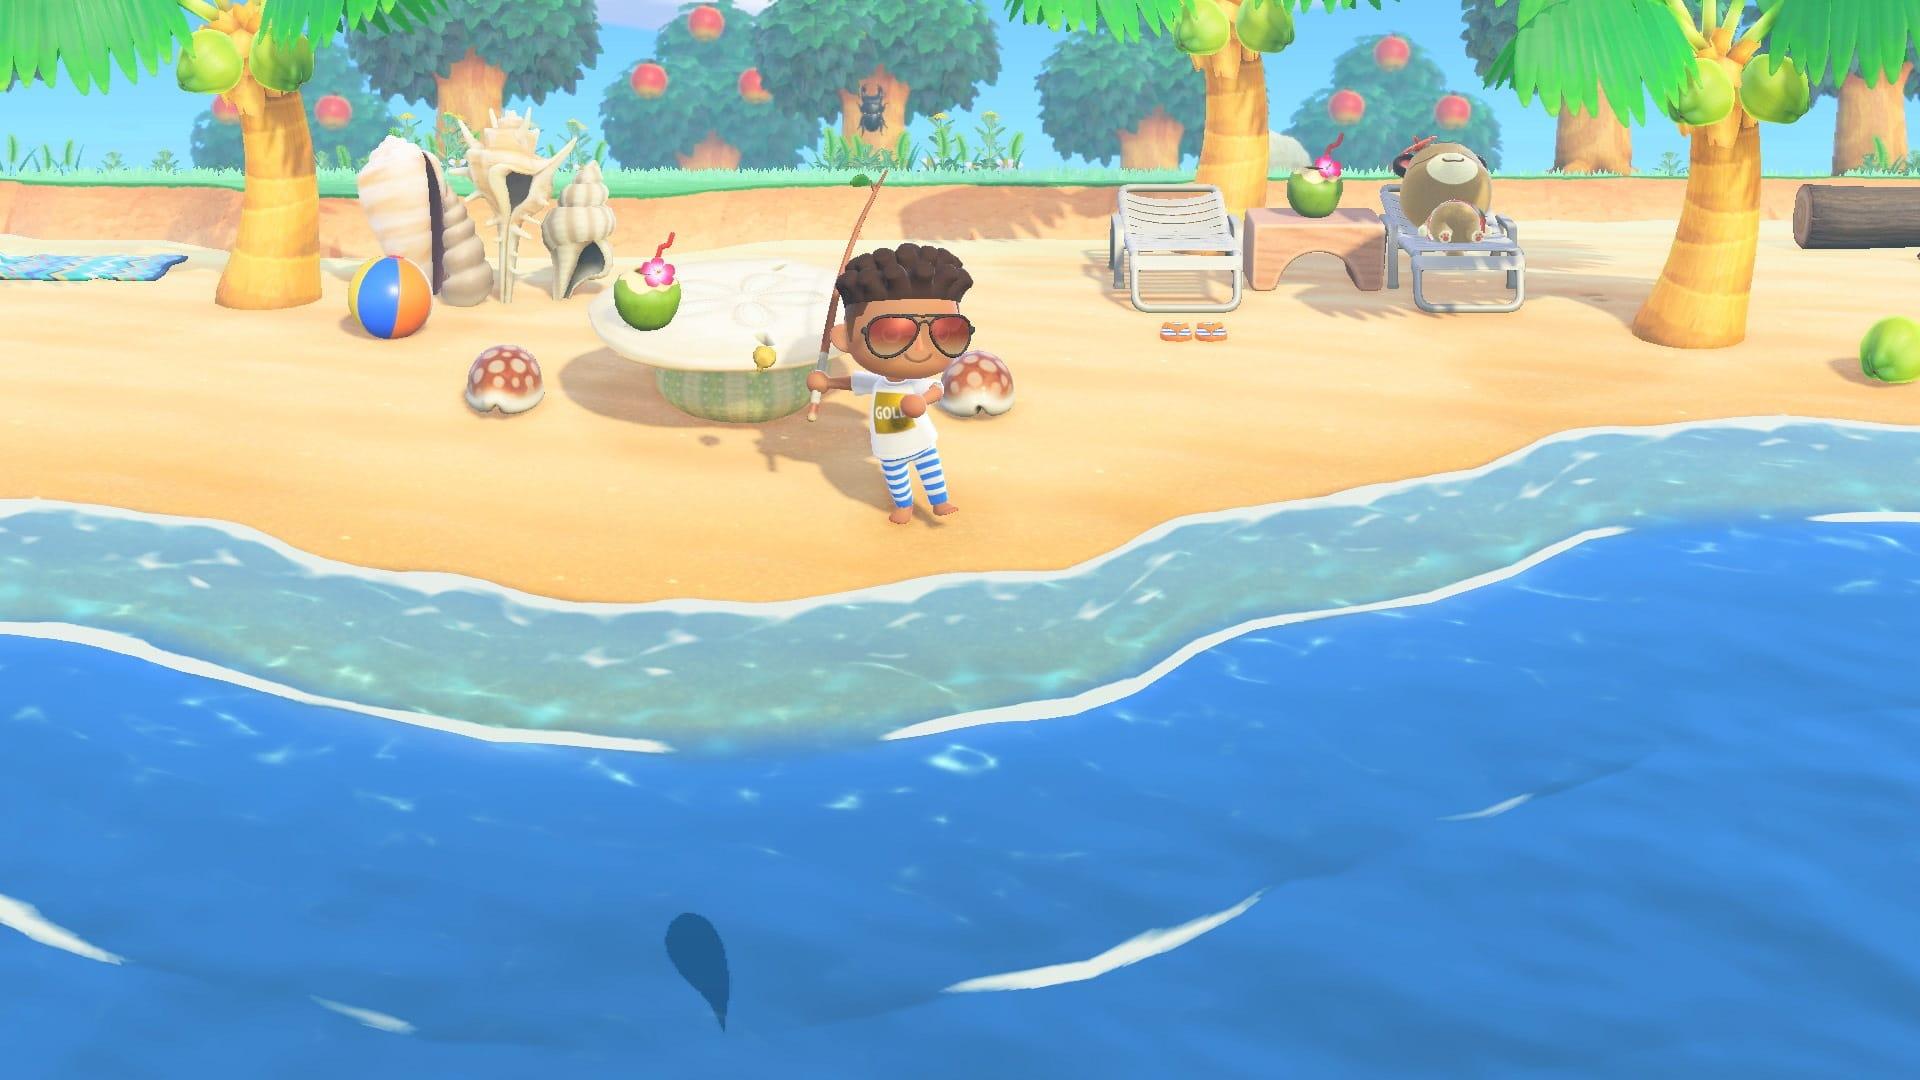 Animal Crossing: New Horizons konnte sich bisher 22 Millionen Mal verkaufen. Beachtlich! Das Spiel erschien am 20. März 2020 für die Nintendo Switch.